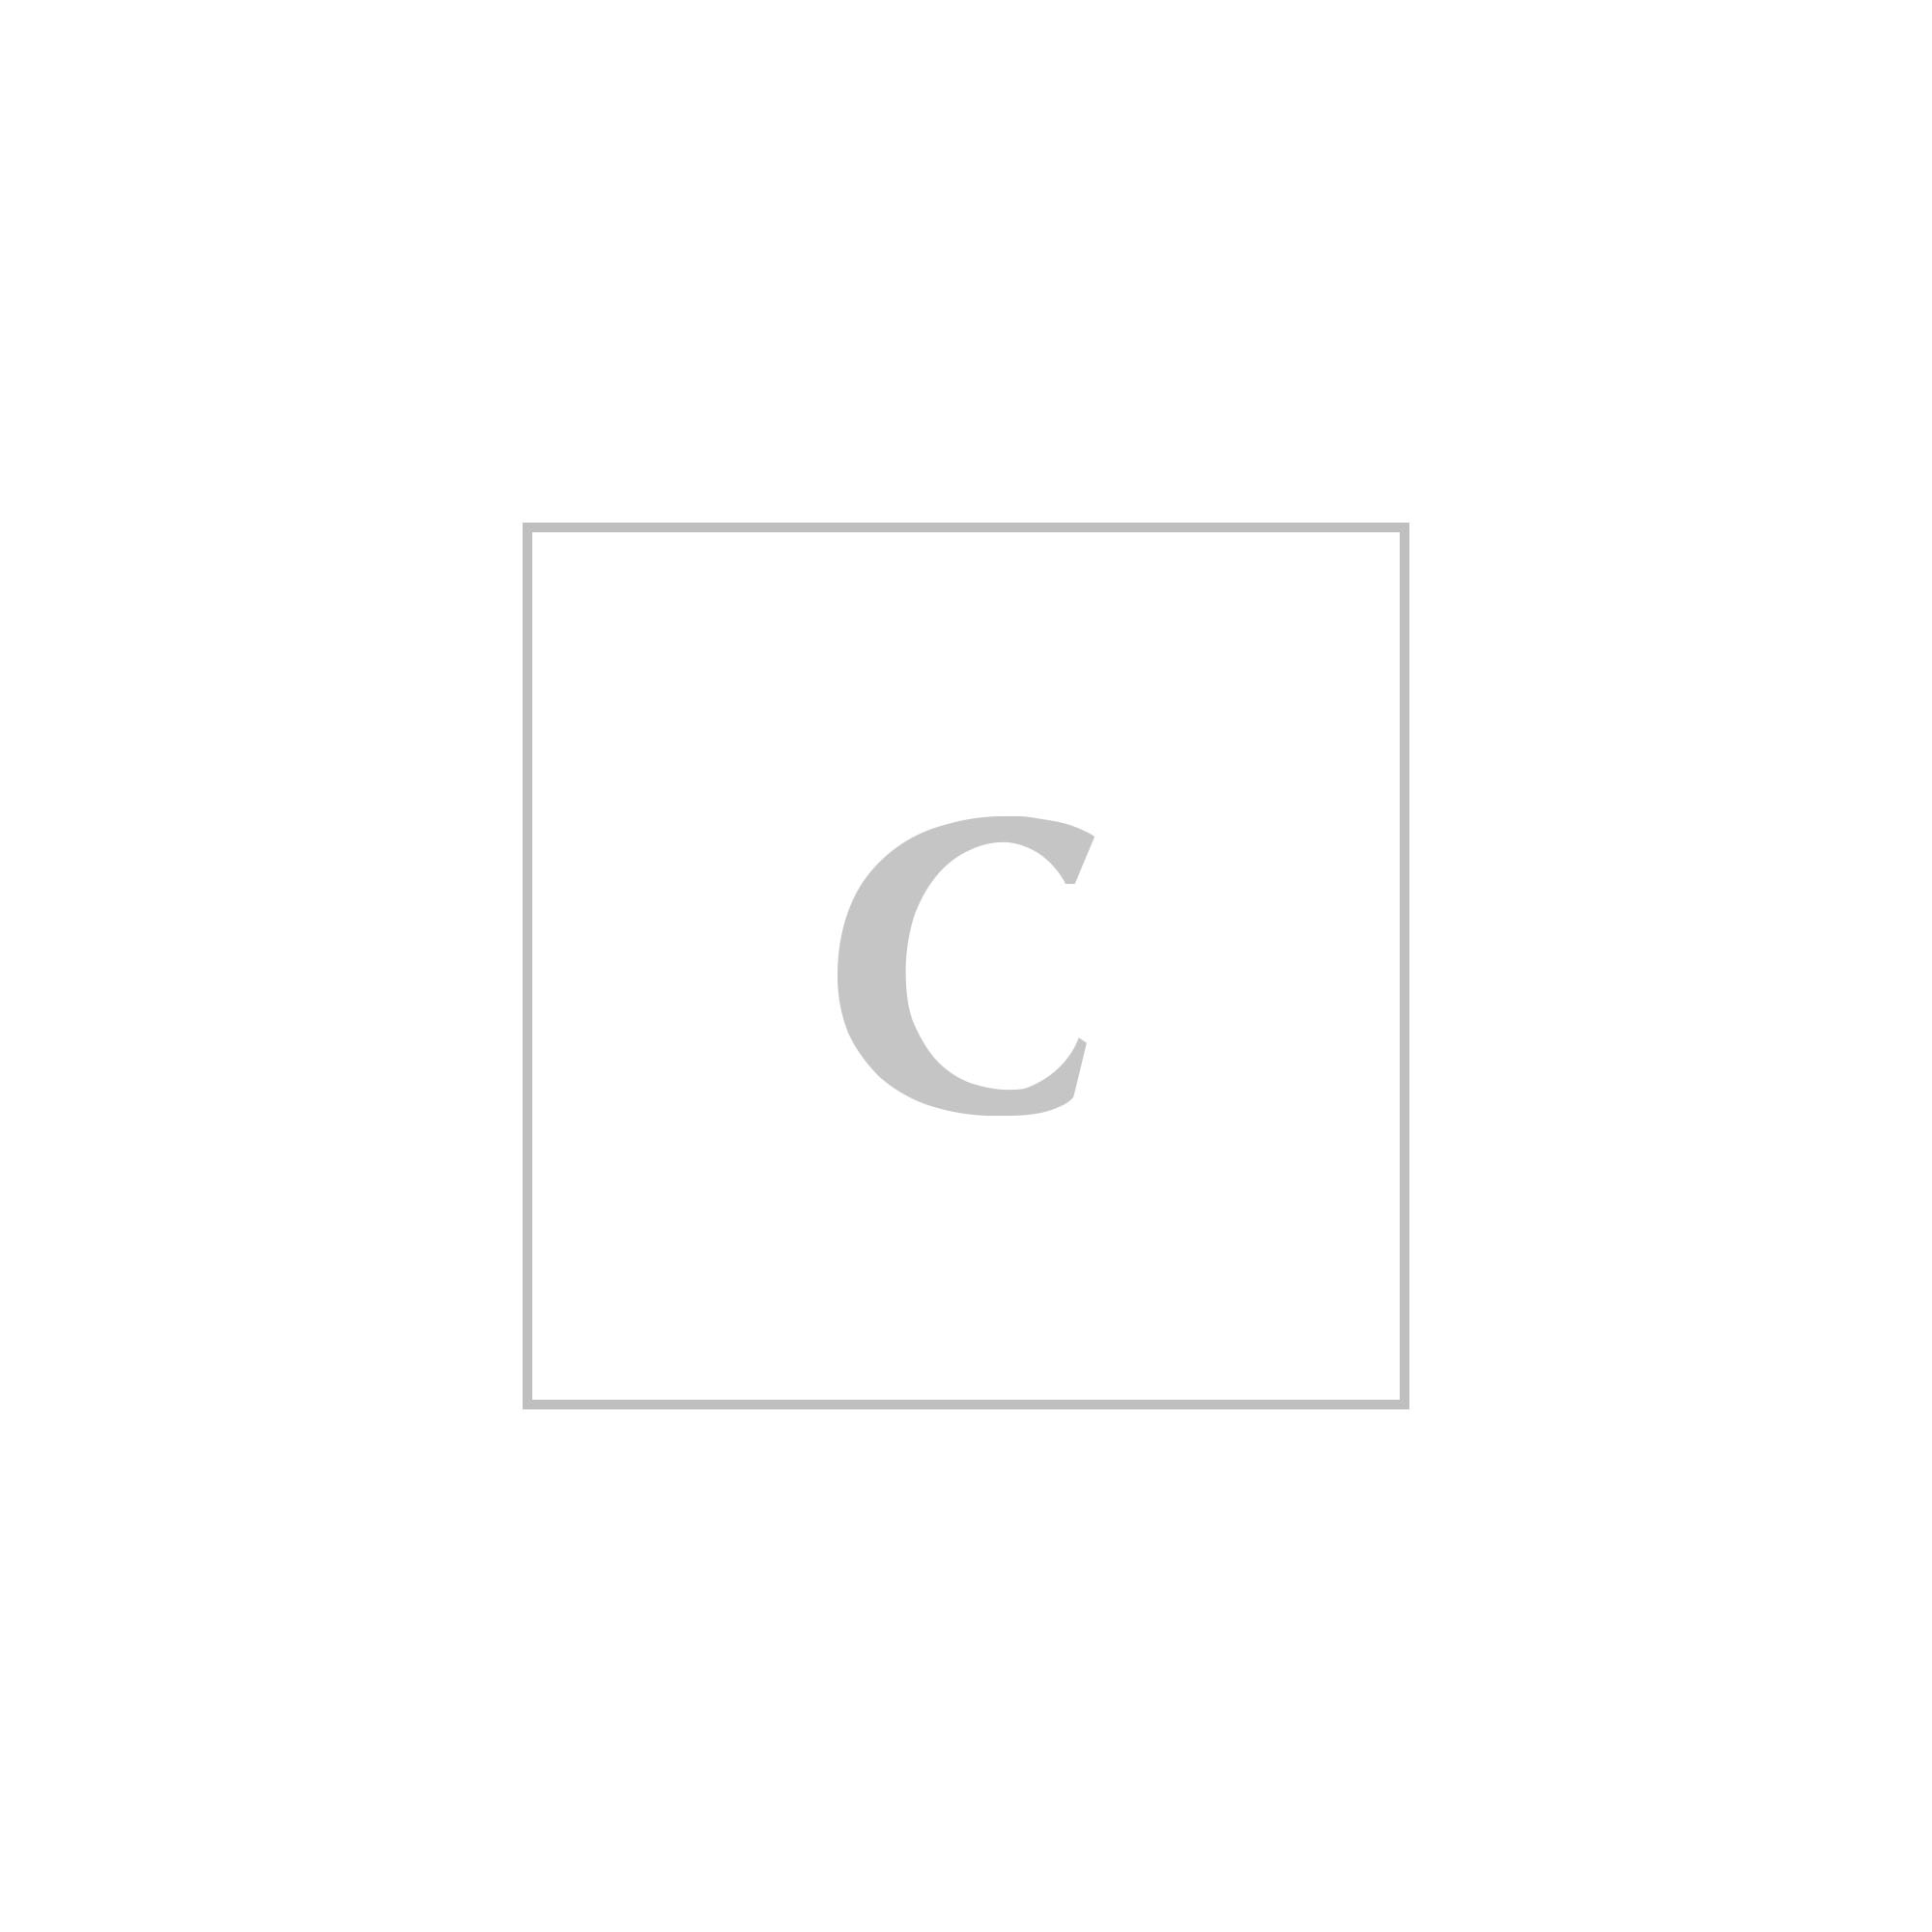 Ohmai clutch melete p085